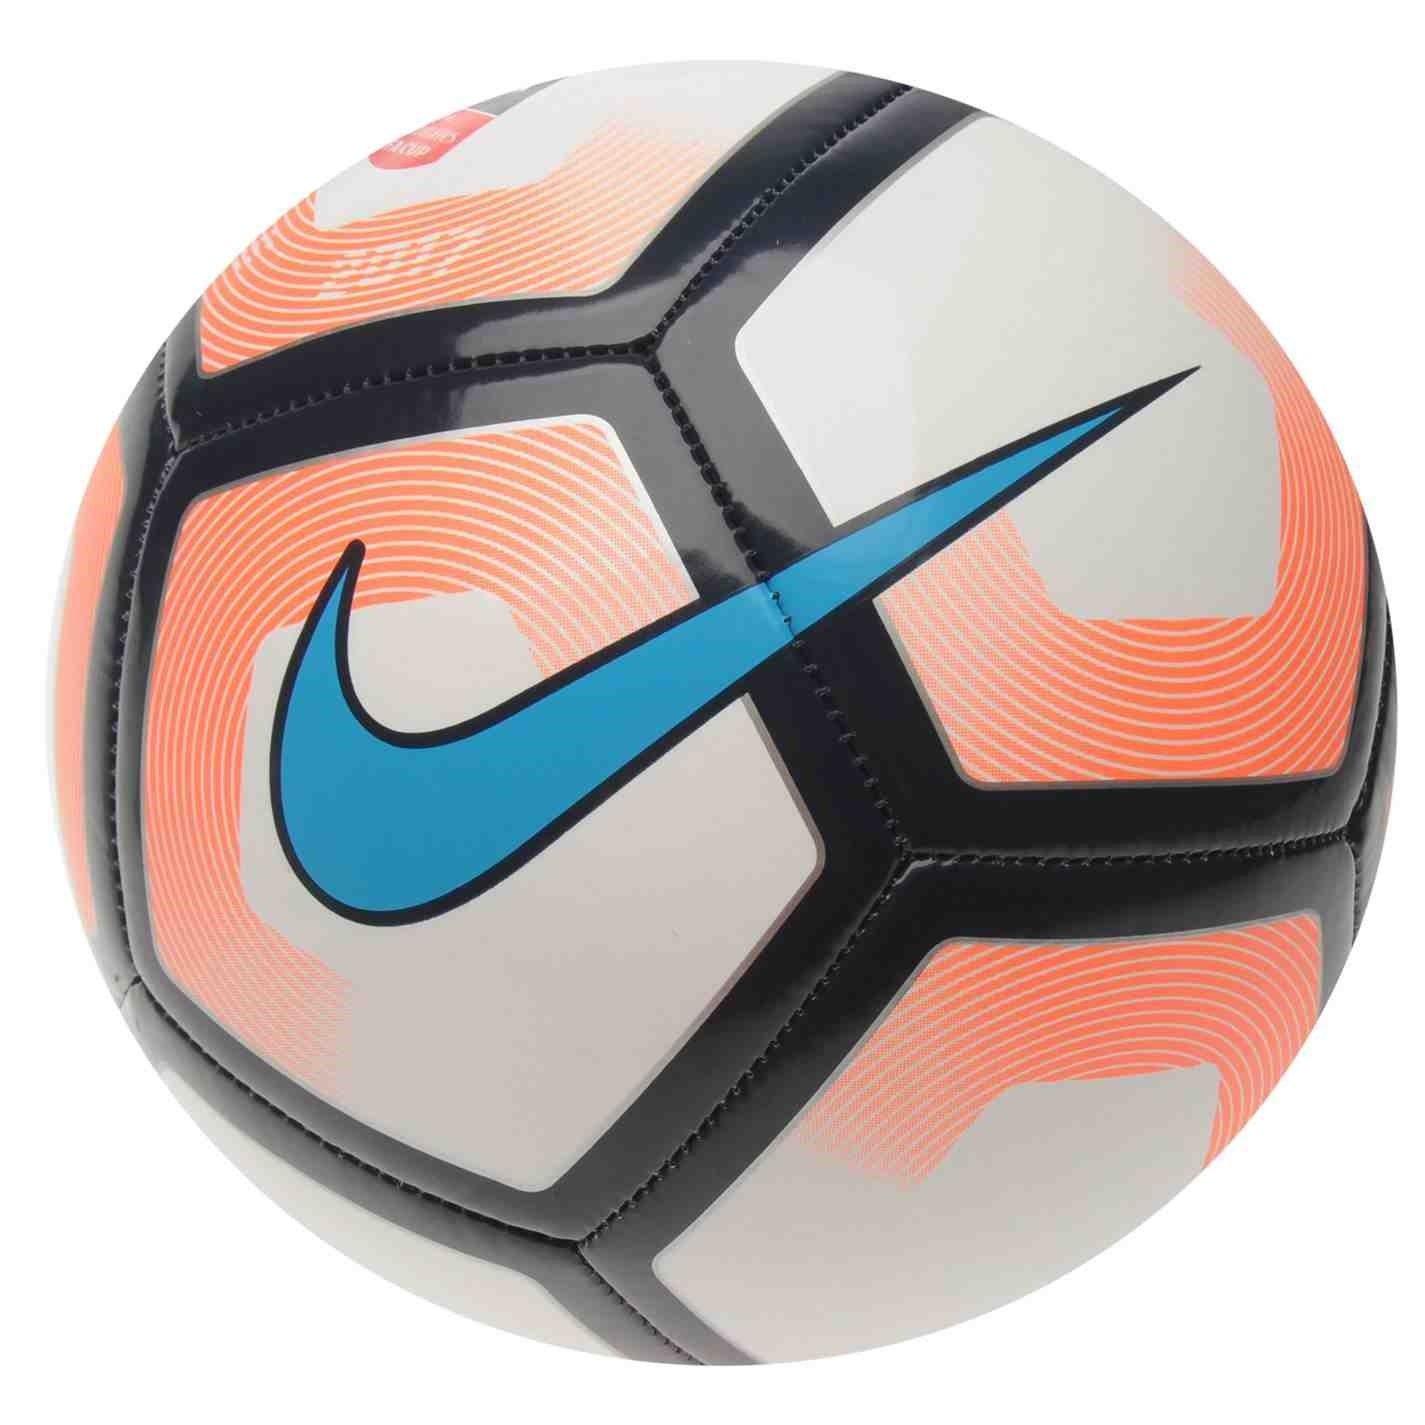 Nike 2016 - 2017 Pitch balones de fútbol tamaño 3 4 y 5, color FA ...